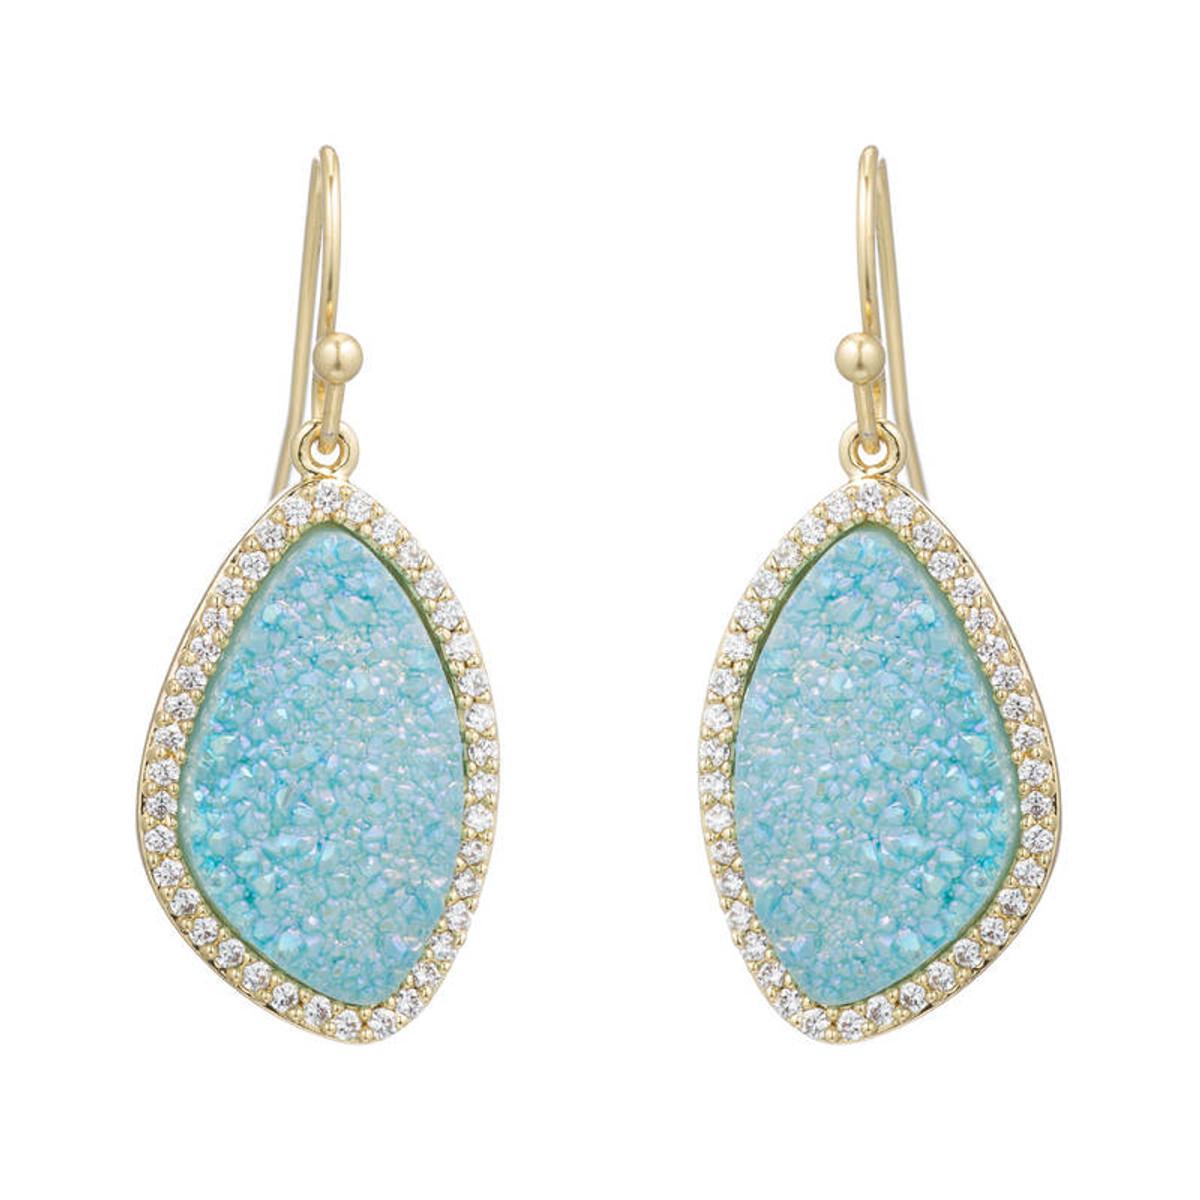 Blue Lilly earrings by Marcia Moran Jewelry